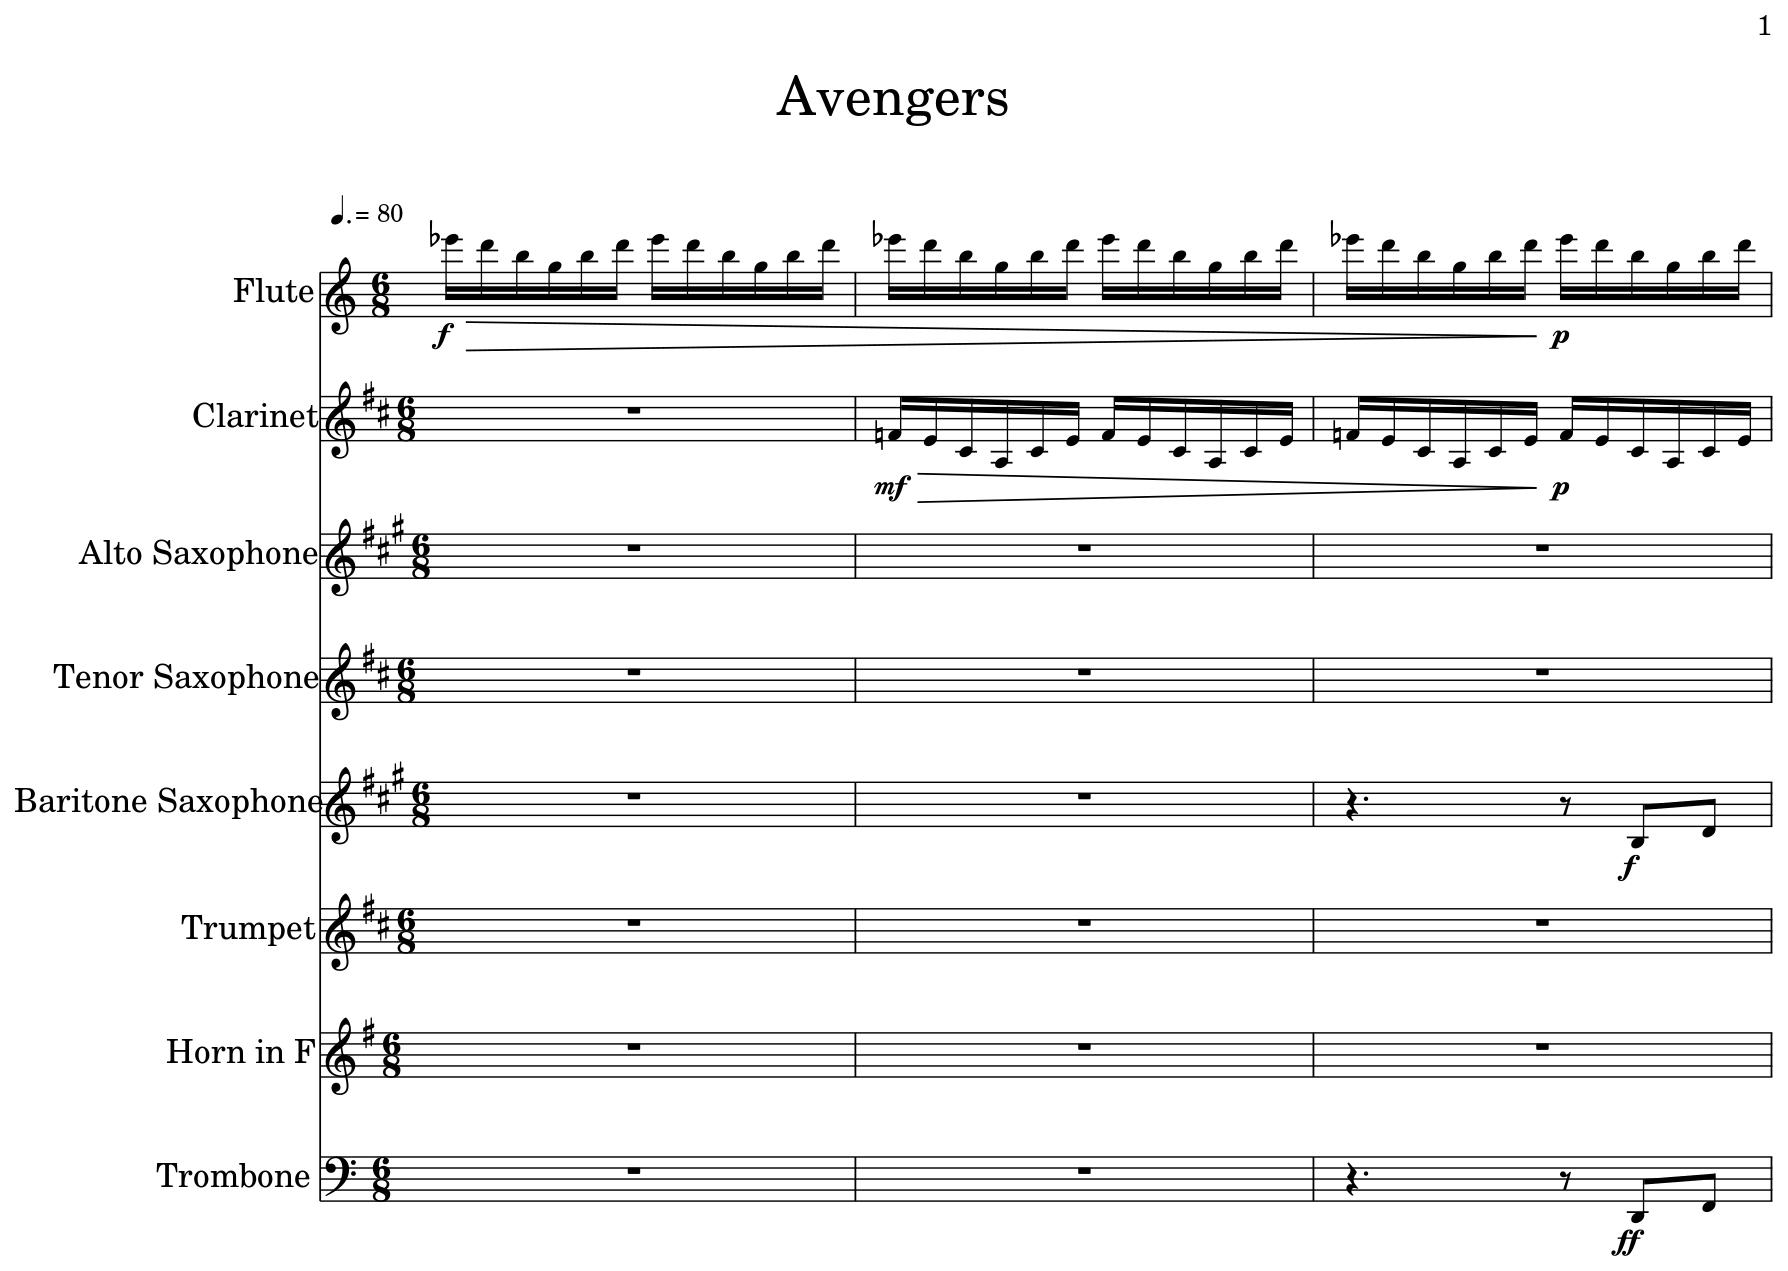 Avengers - Flat